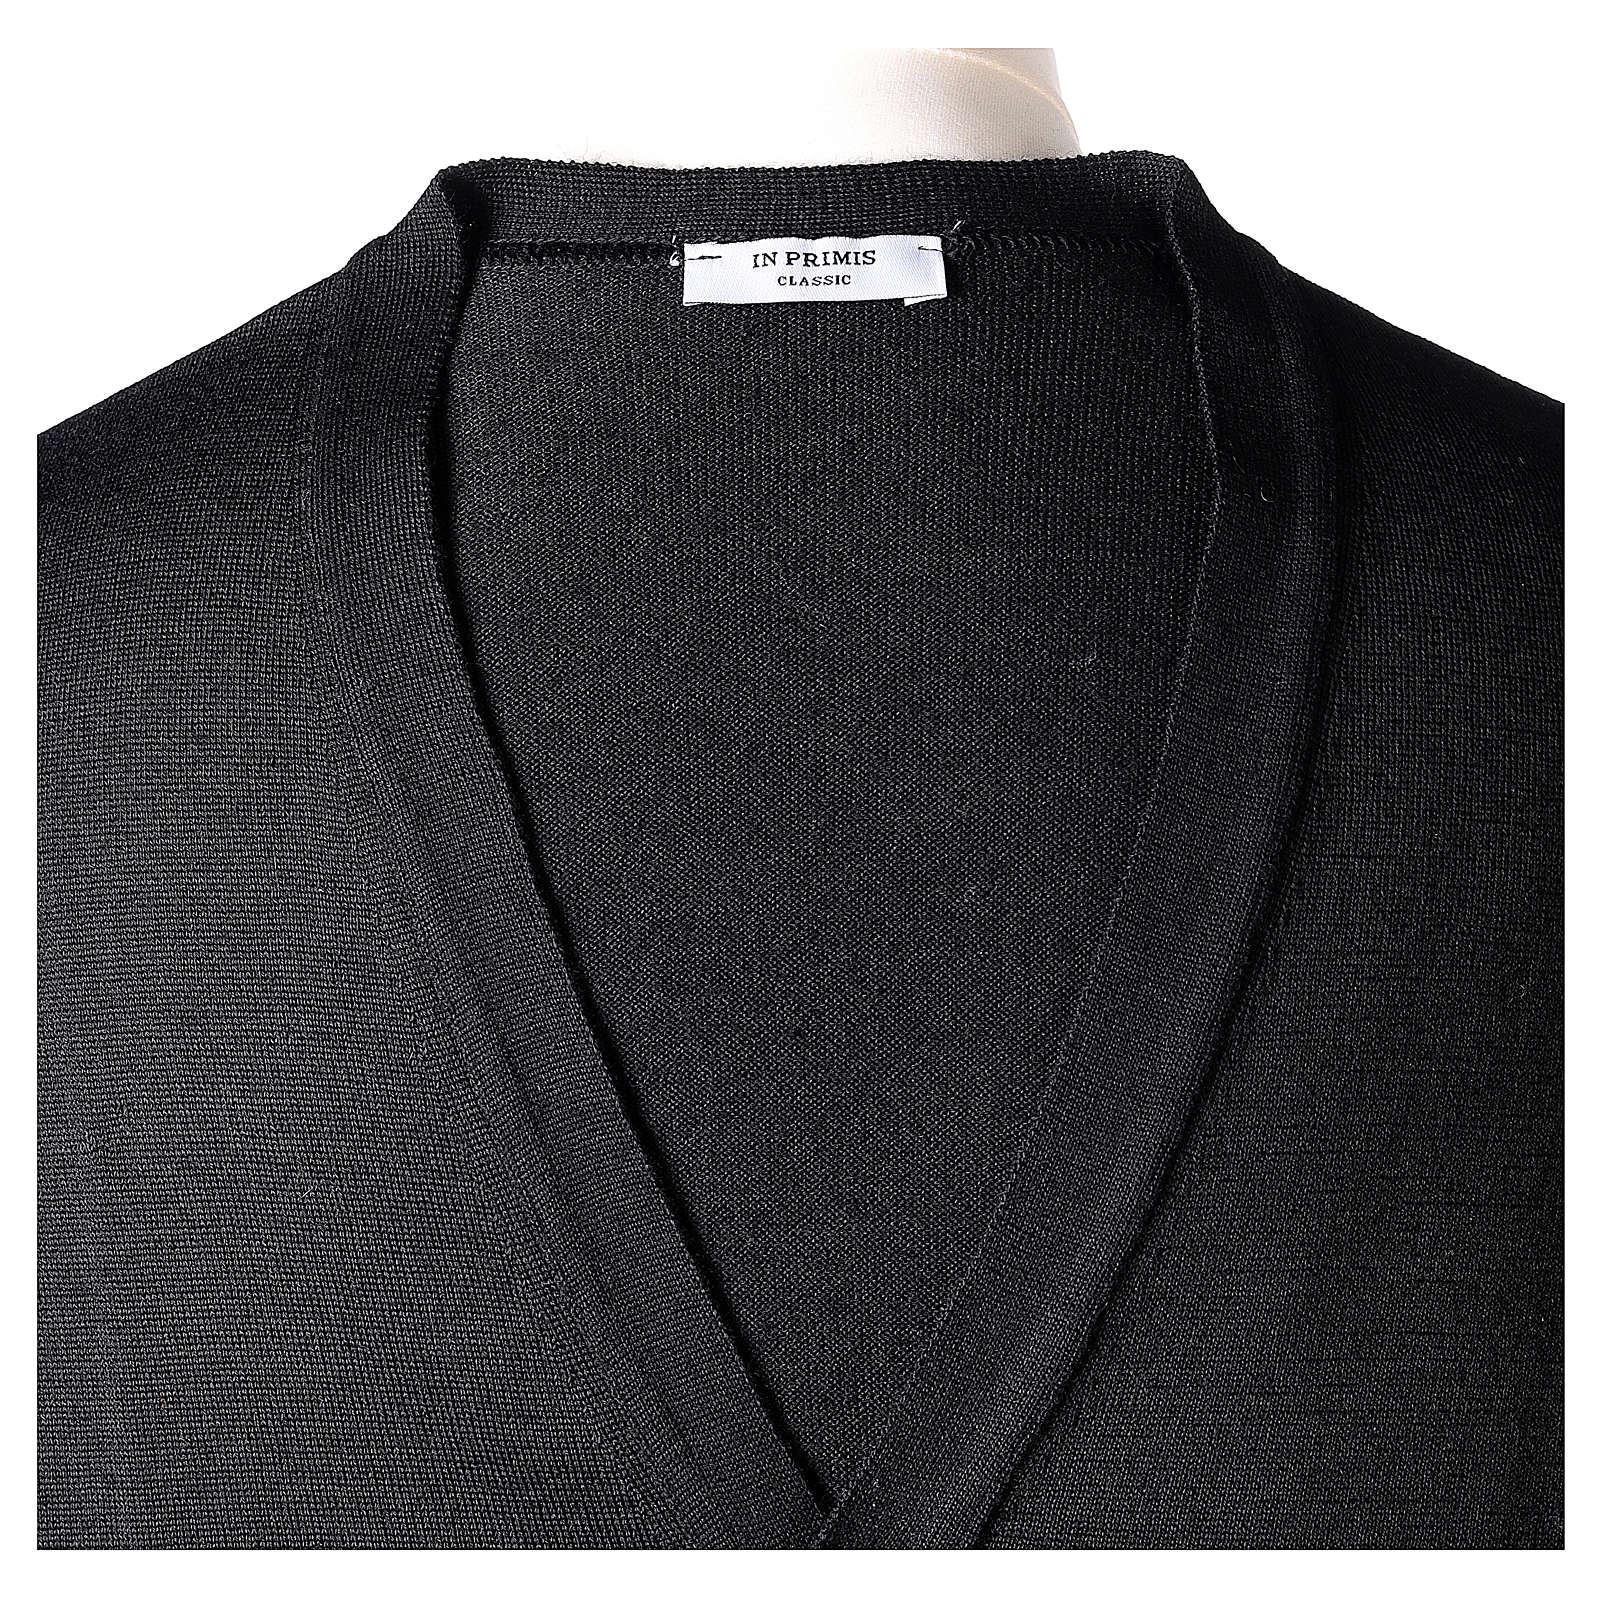 Gilet prêtre noir jersey simple 50% acrylique 50% laine mérinos In Primis 4